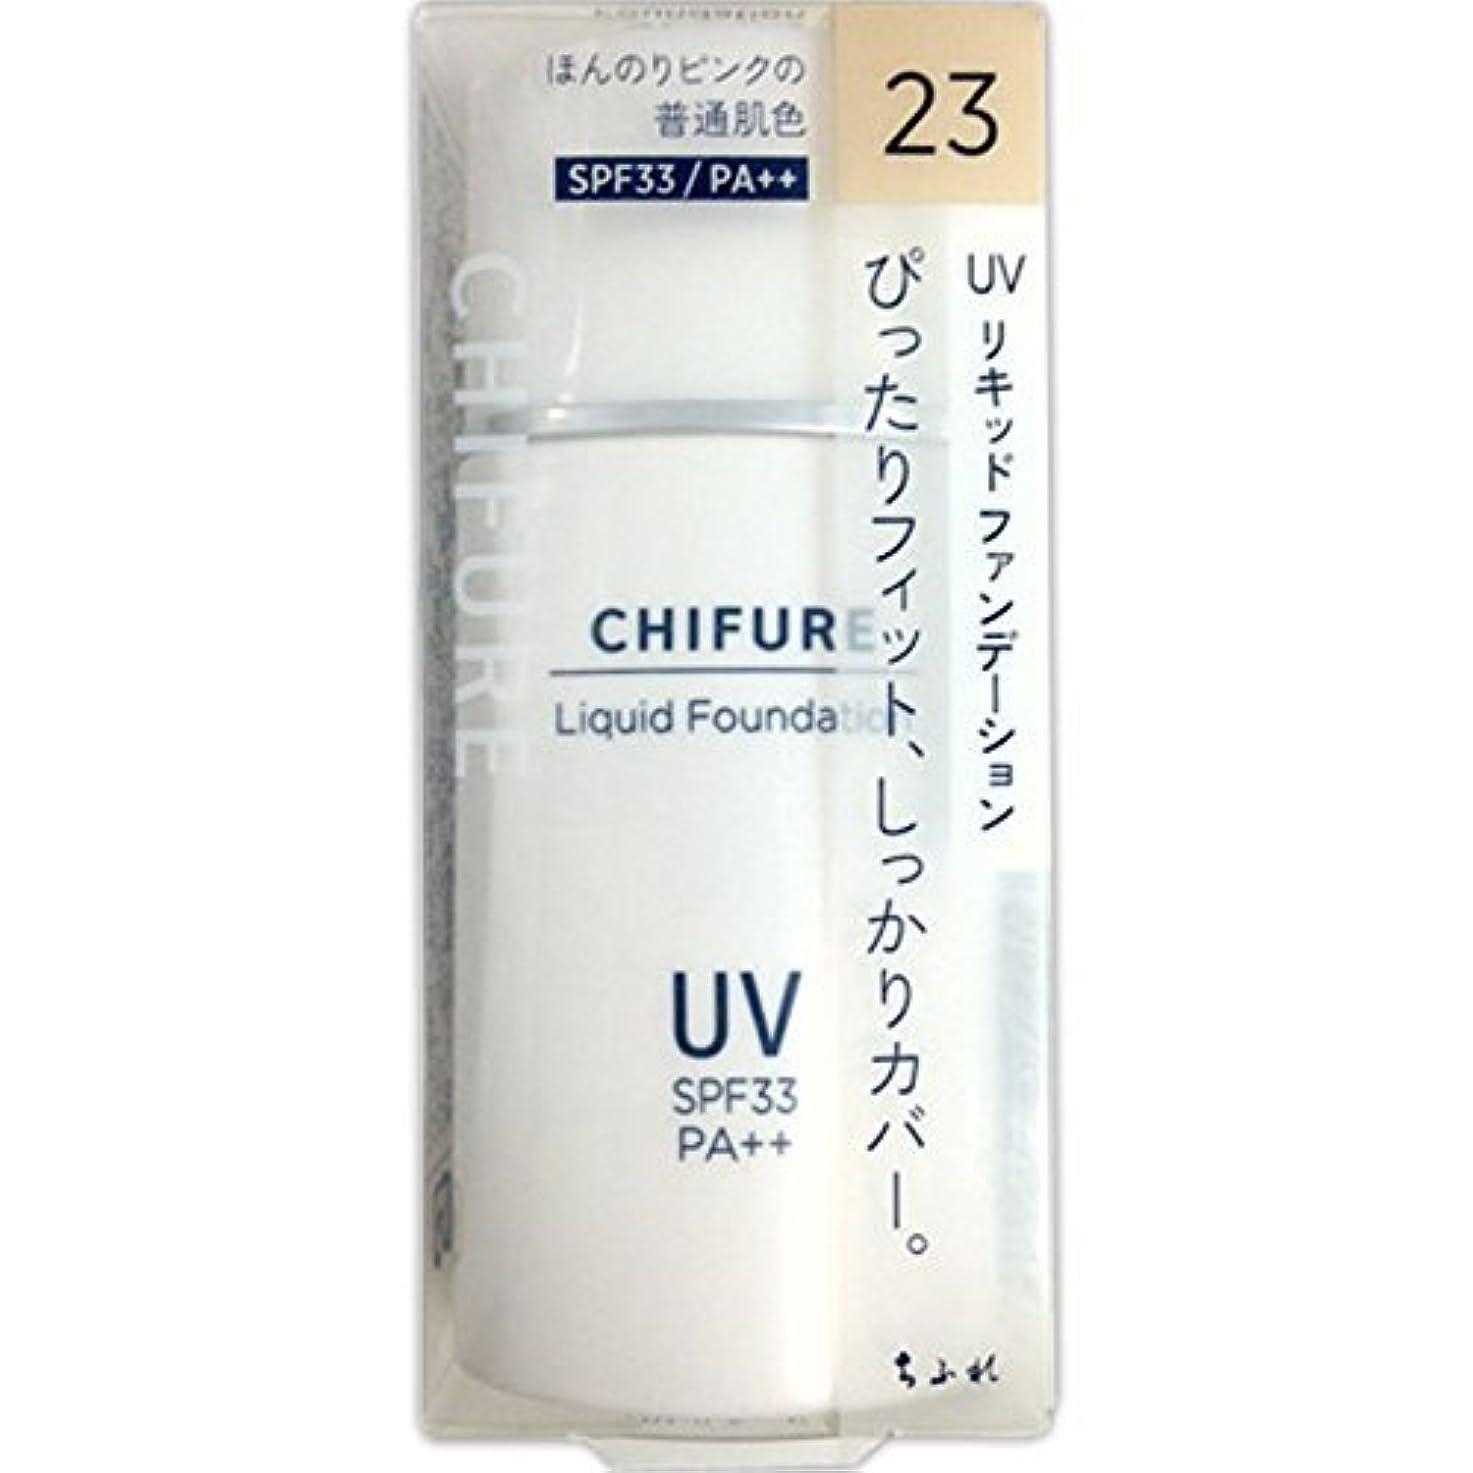 驚かす草リークちふれ化粧品 UV リキッド ファンデーション 23 ほんのりピンク普通肌色 30ML